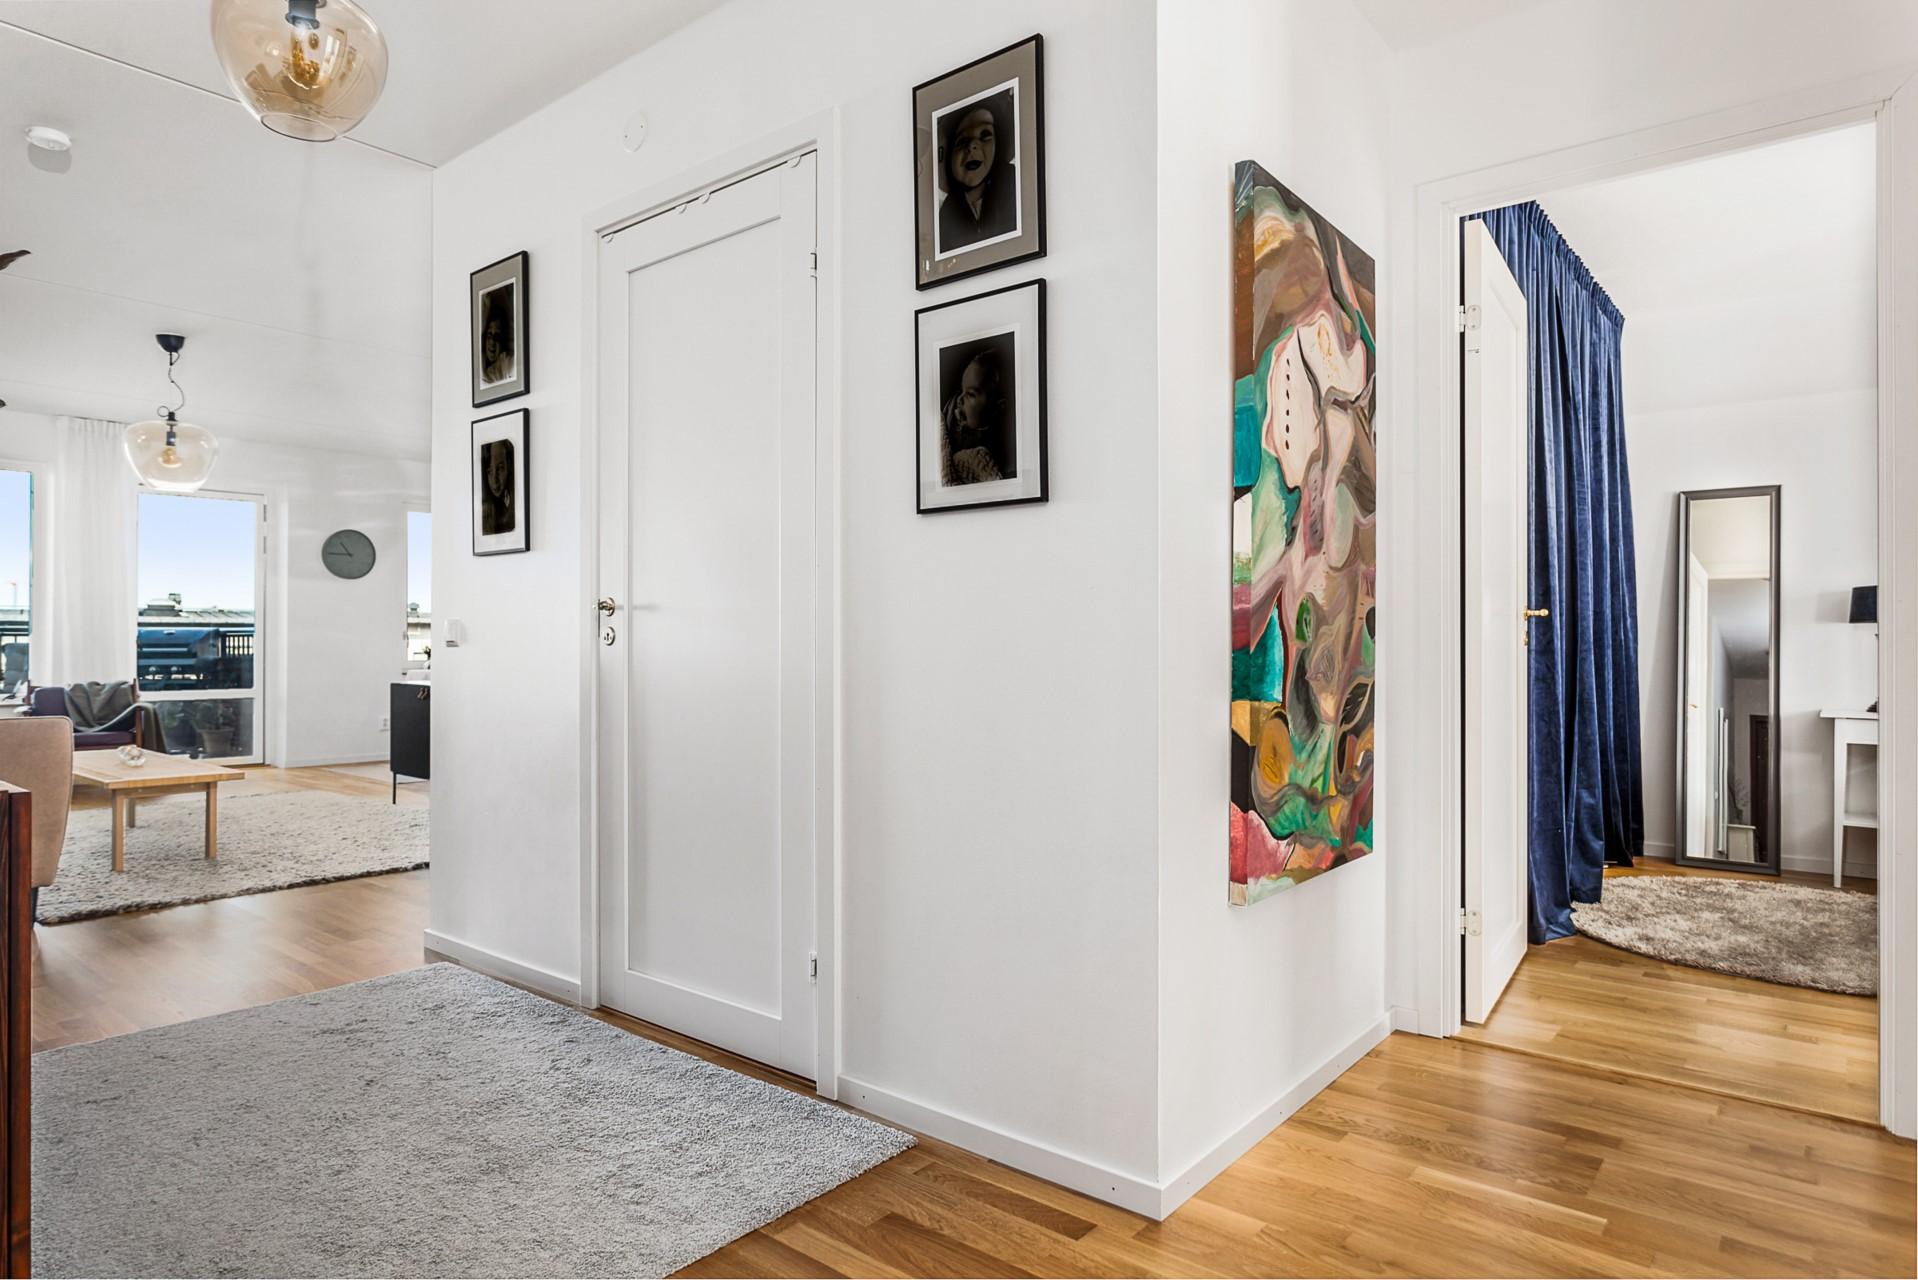 Oskarslundsbacken 1, 7tr, Högst upp! - Vardagsrum, badrum och sovrum.